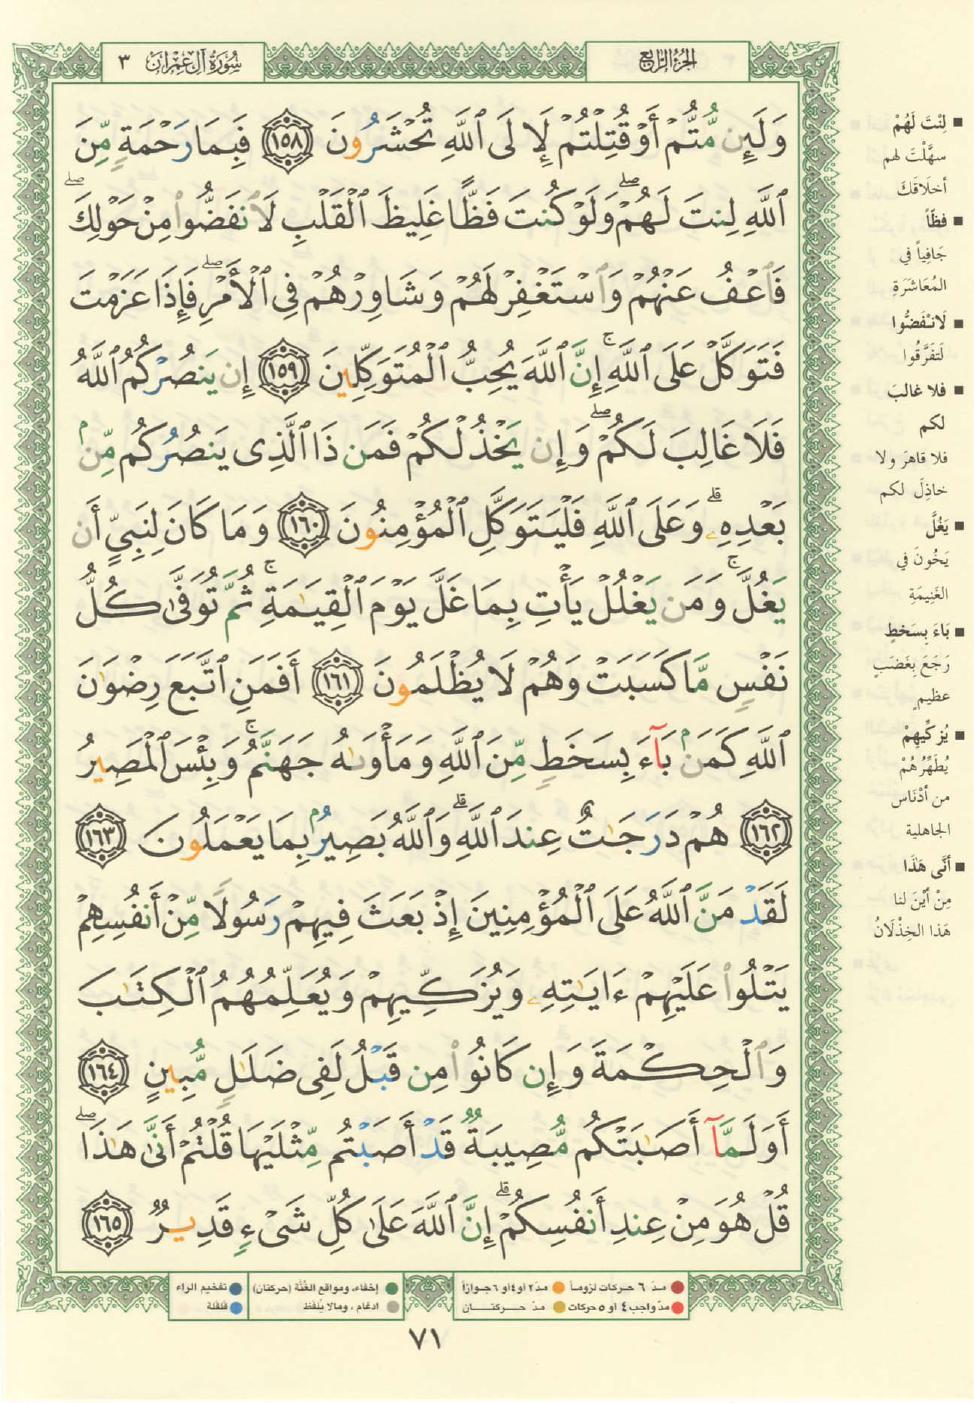 3. سورة آل عمران - Al-Imran مصورة من المصحف الشريف Quran_tajwid_000080